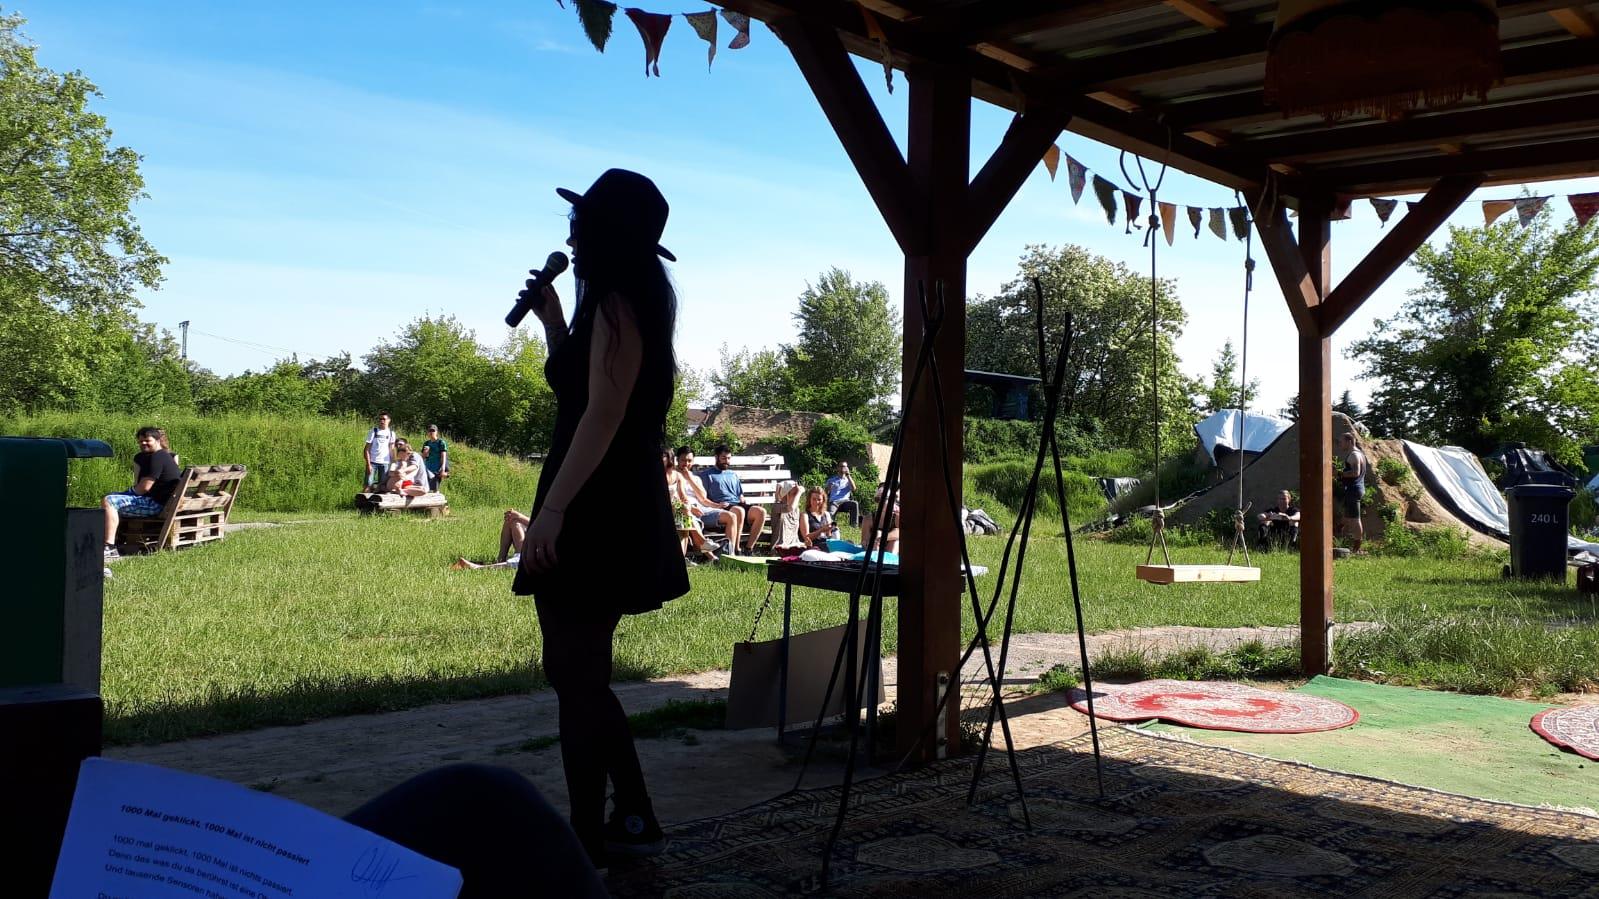 Eine junge Frau trägt einen Hut und steht auf einer Draußenbühne am Mikrofon.